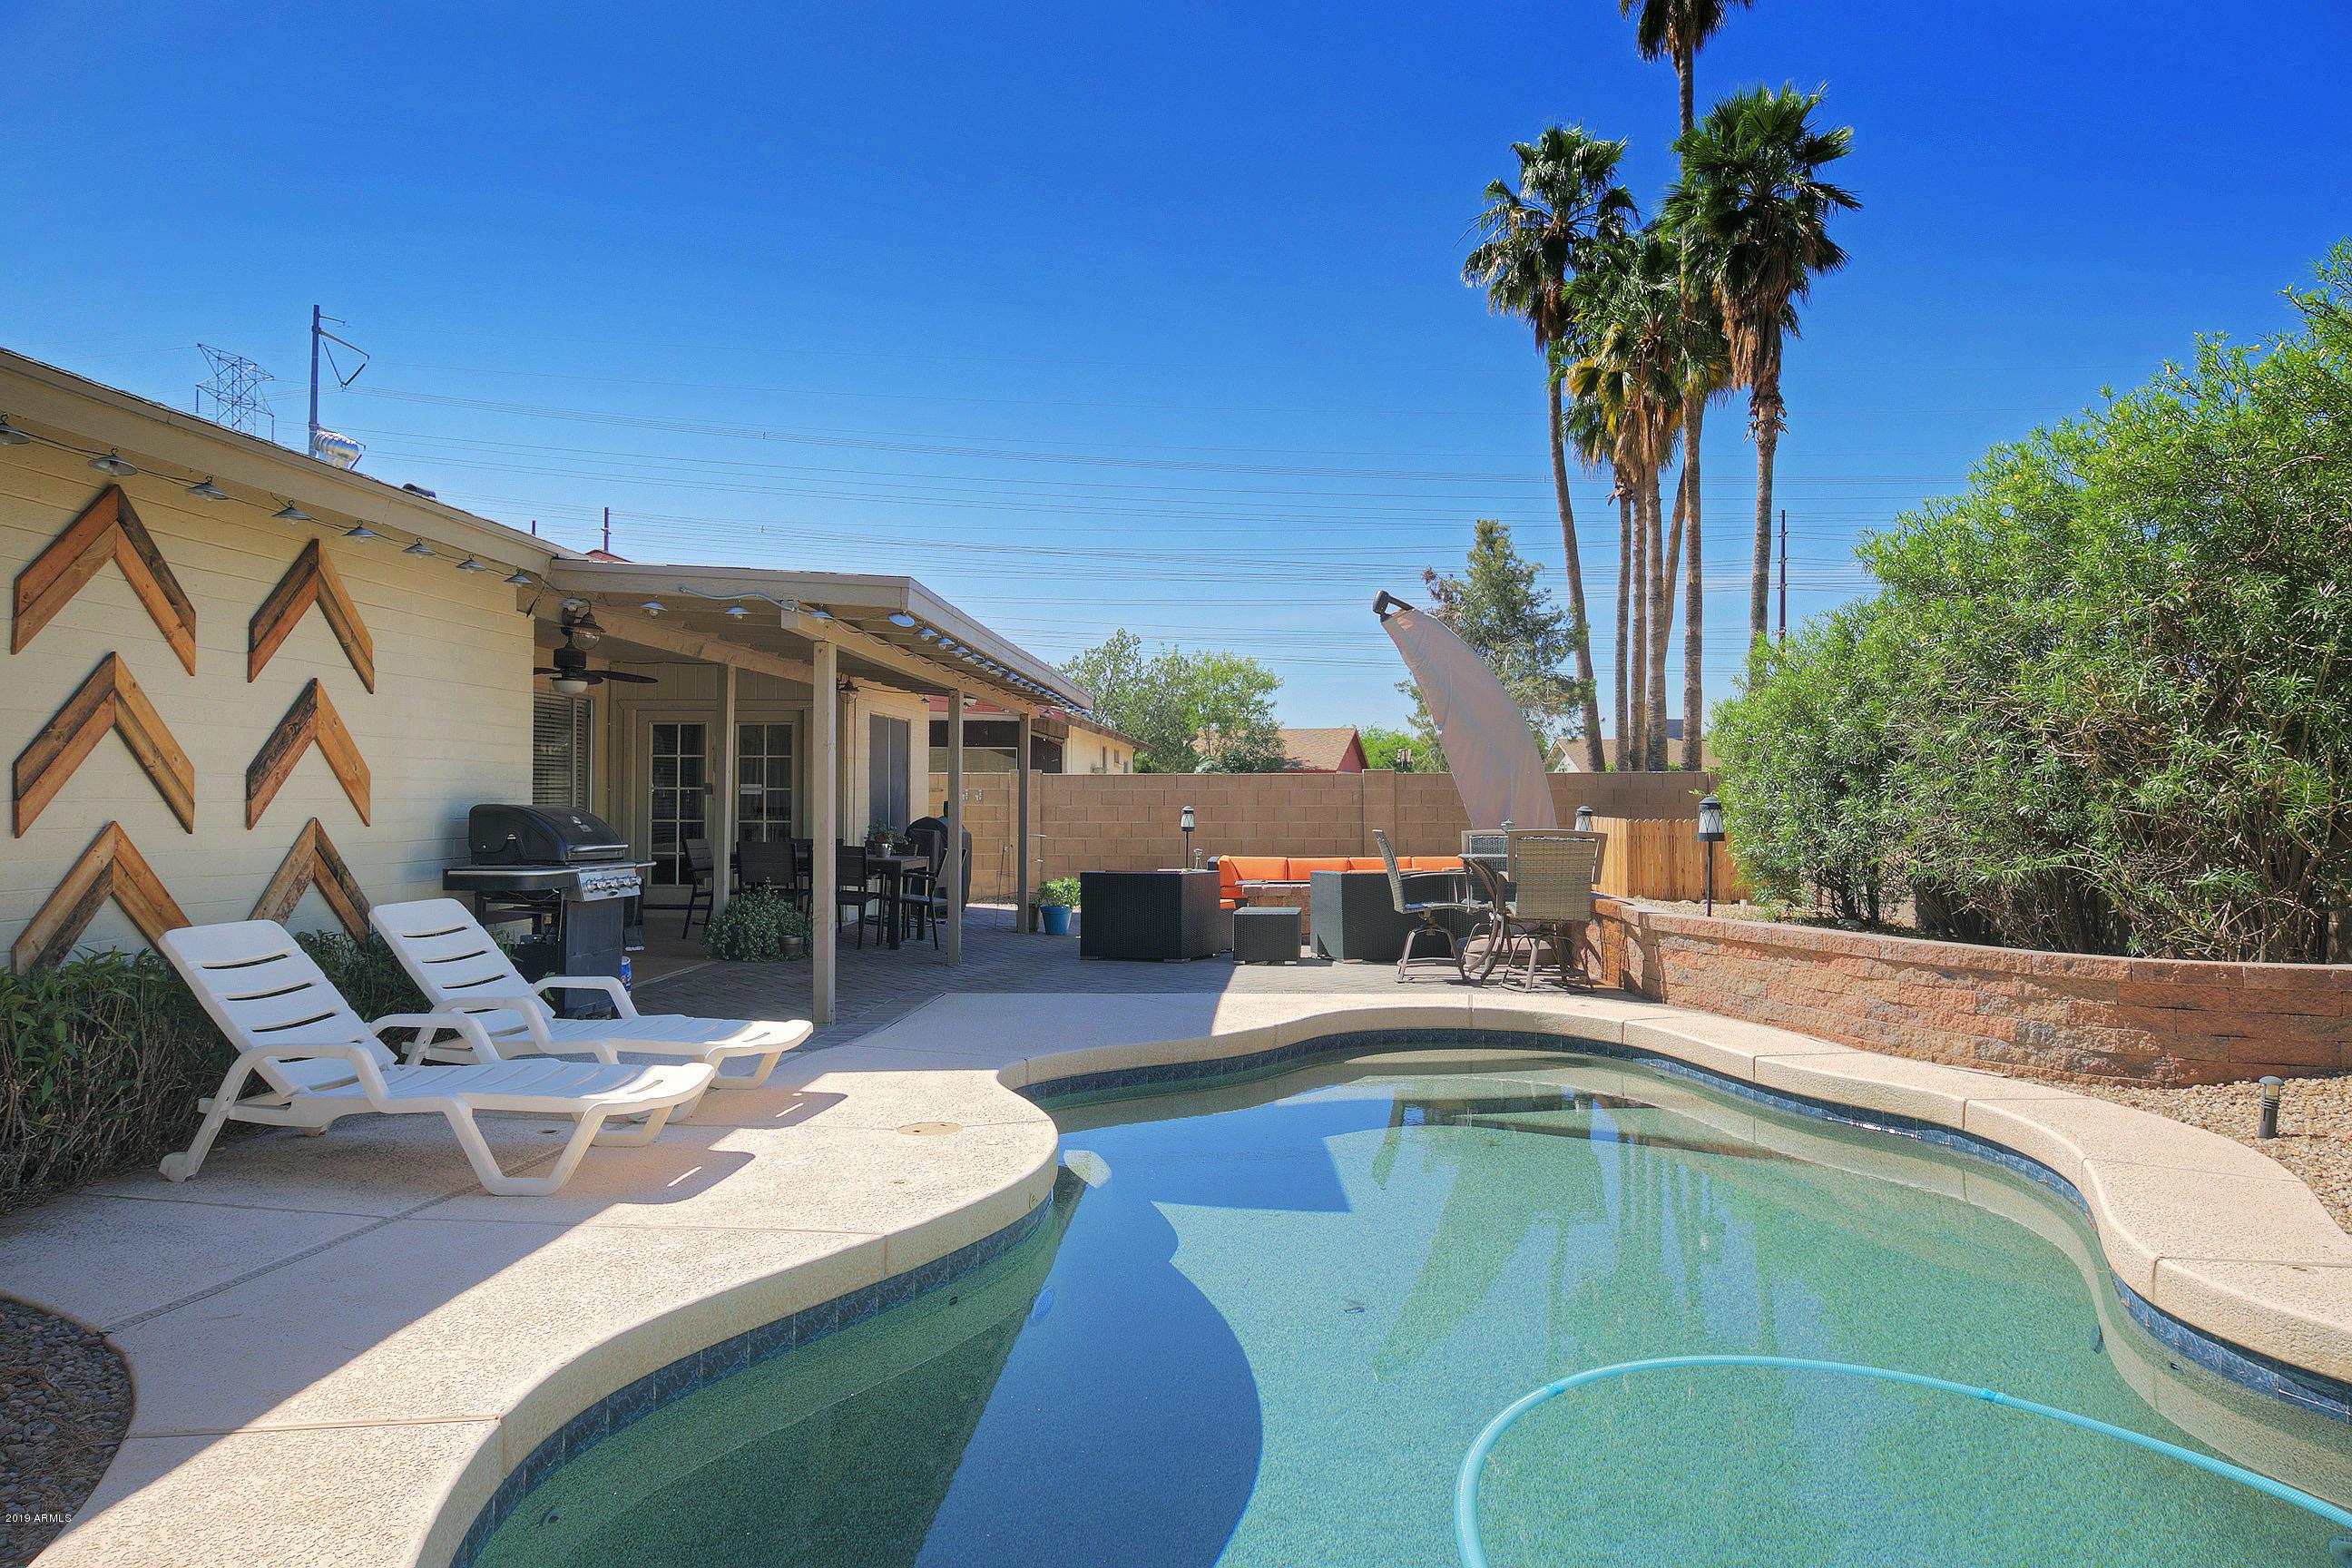 MLS 5913550 3130 S Spruce --, Mesa, AZ 85210